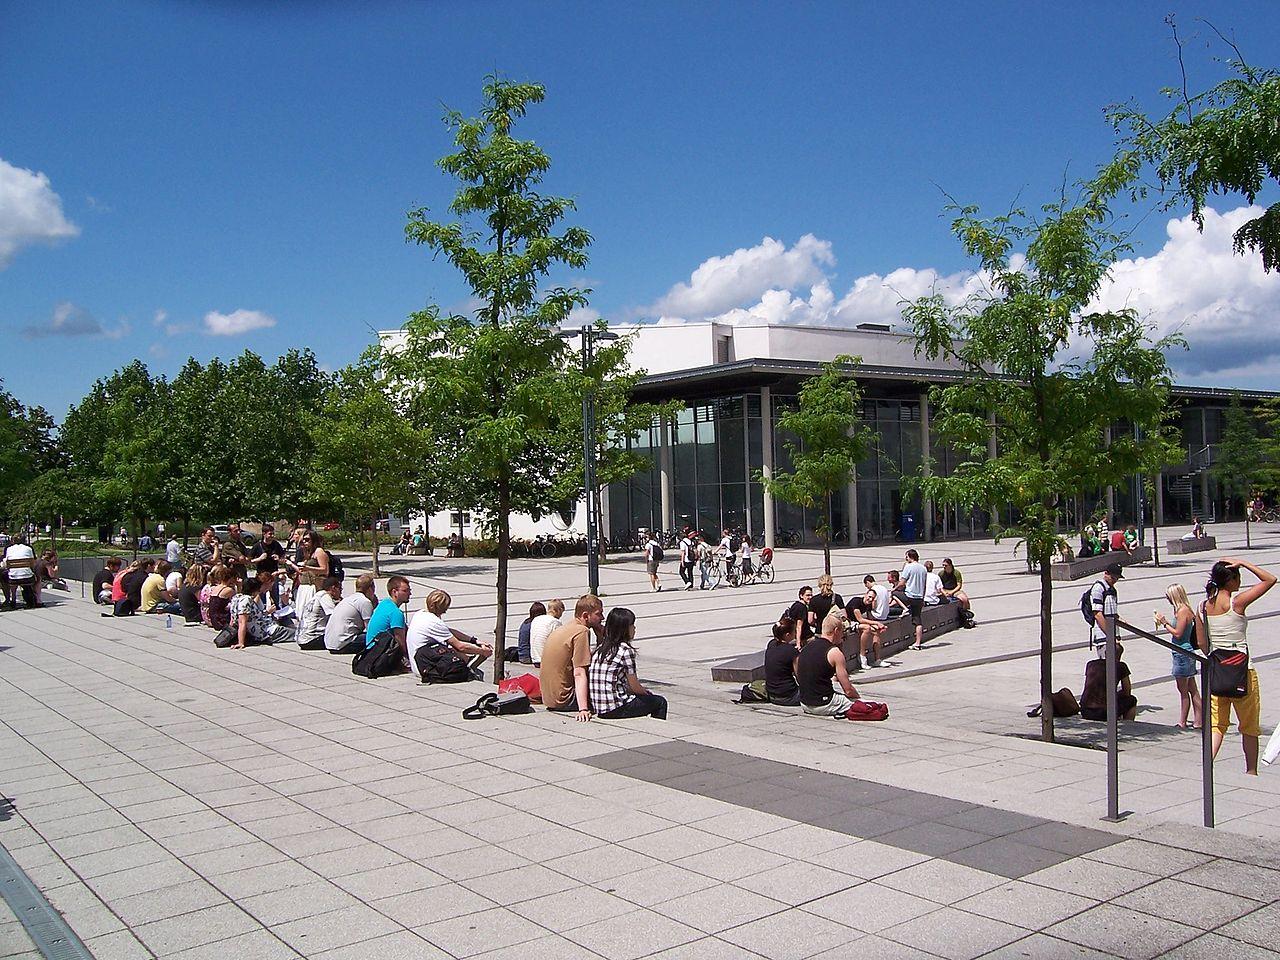 Котбус, Германия: интересные достопримечательности, топ-5 интересных дел и занятий, лучшие рестораны, отзывы туристов